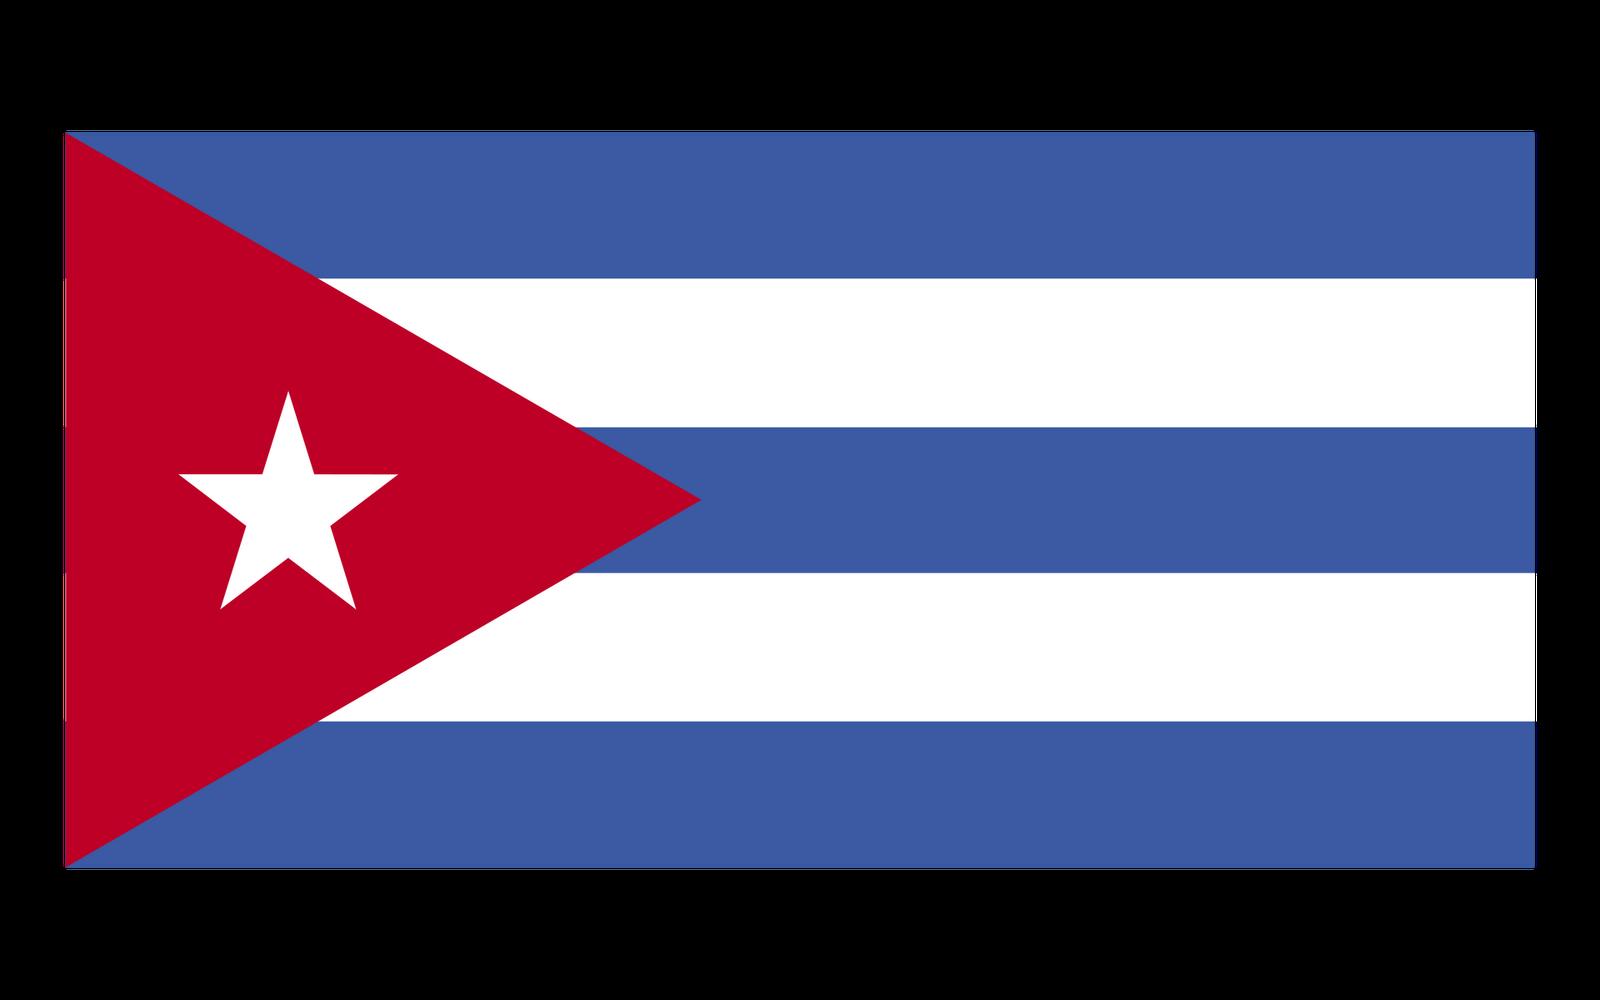 World Flags: Cuba Flag hd wallpaper